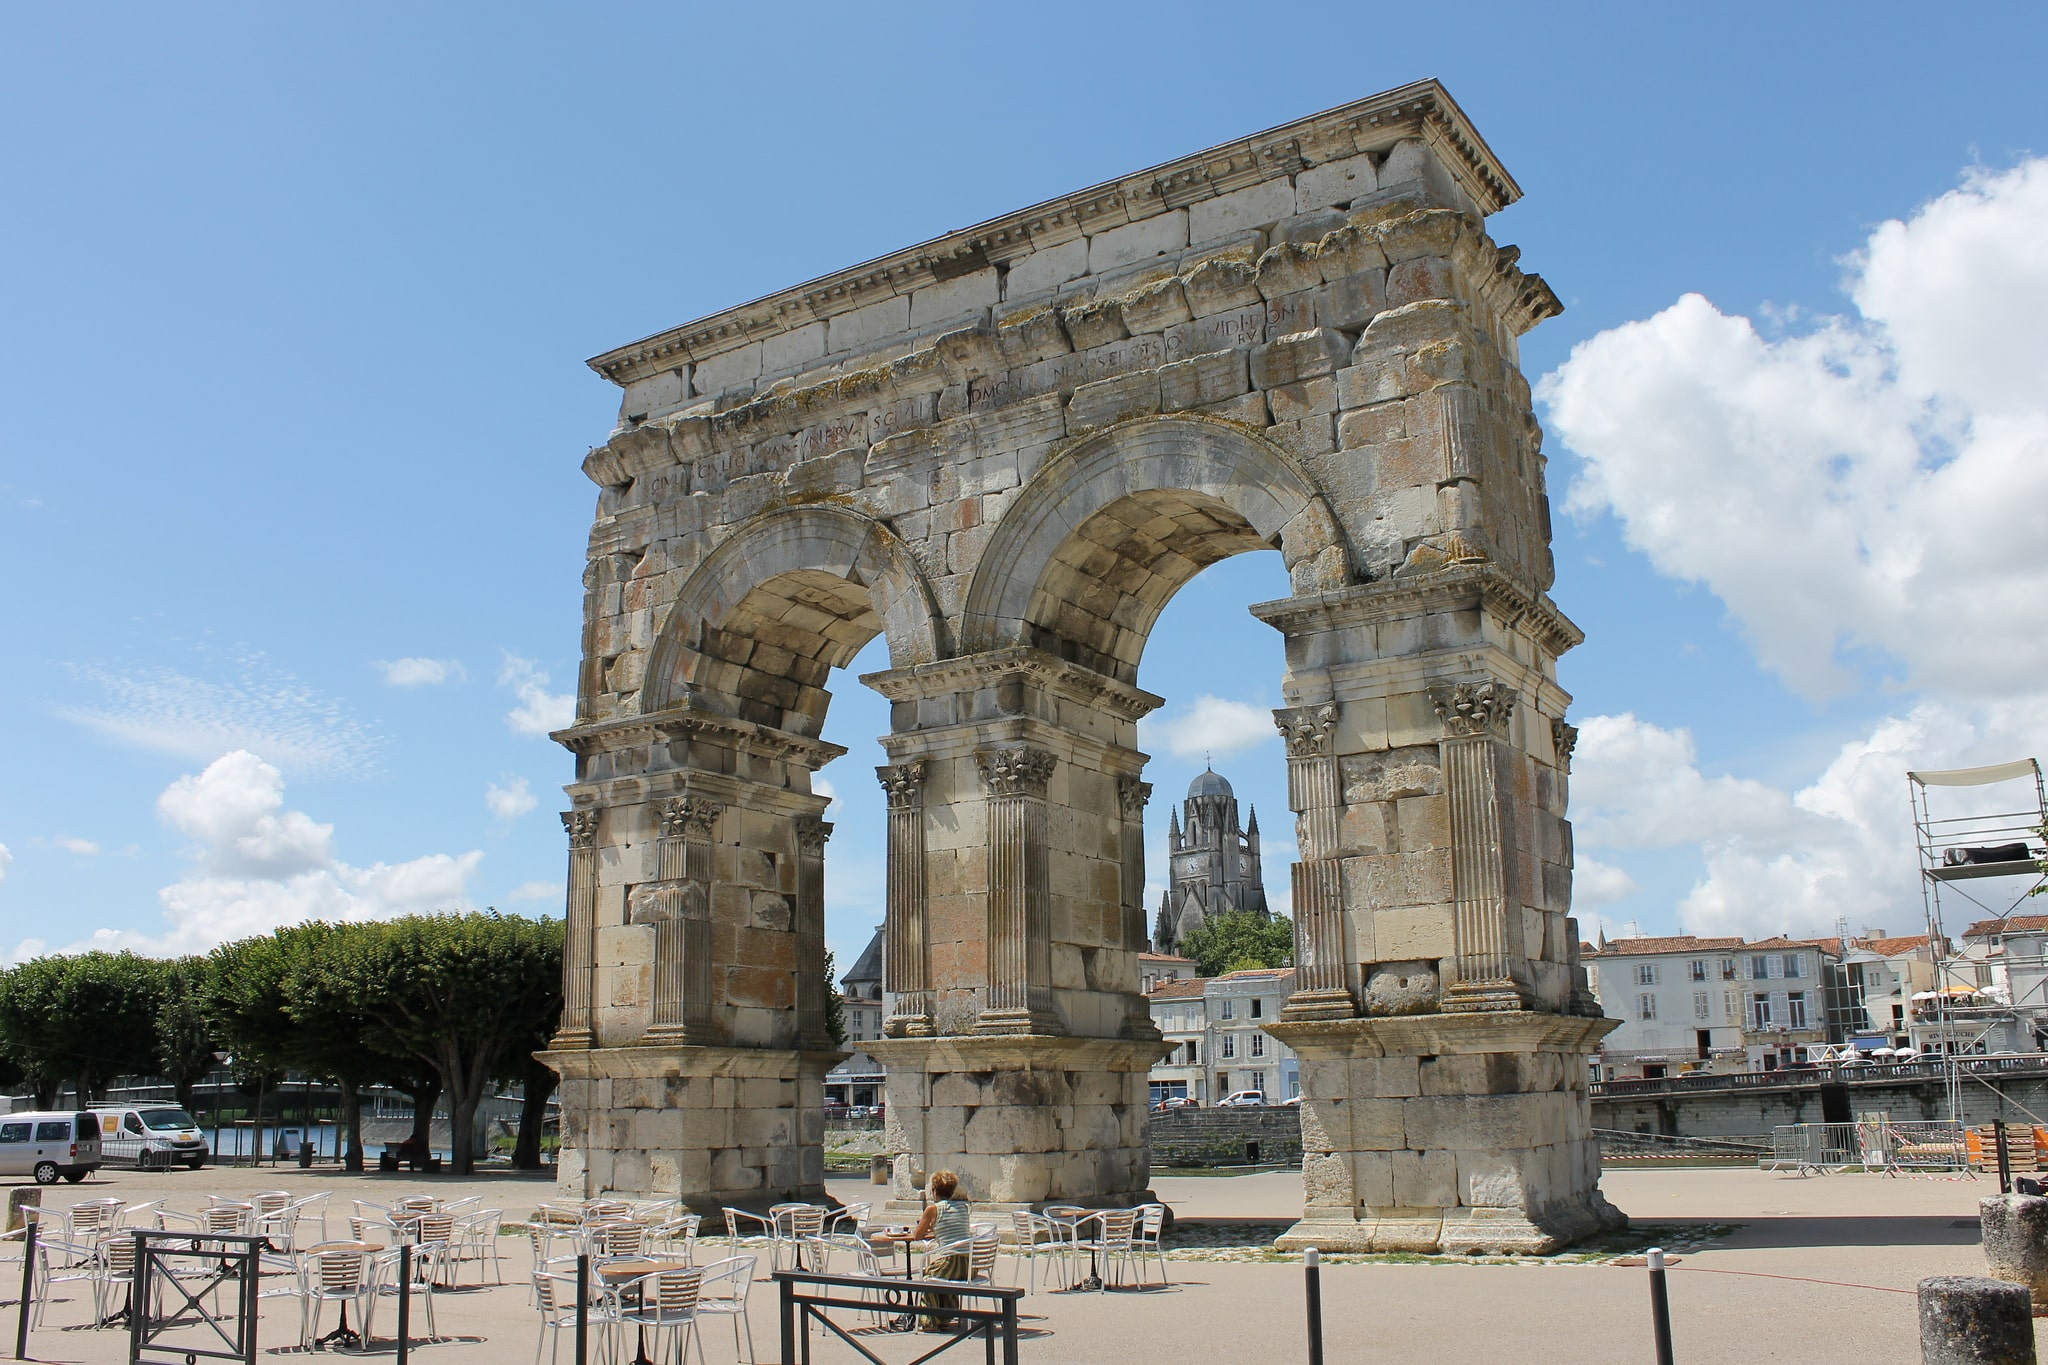 """Place Bassompierre à Saintes avec l'Arc de Germanicus et, en arrière-plan, la Cathédrale Saint-Pierre - rando vélo entre Charentes, Saintonge et Médoc (photos de """"Tales of a wanderer"""" sur Flickr en licence CC BY-NC 2.0)"""